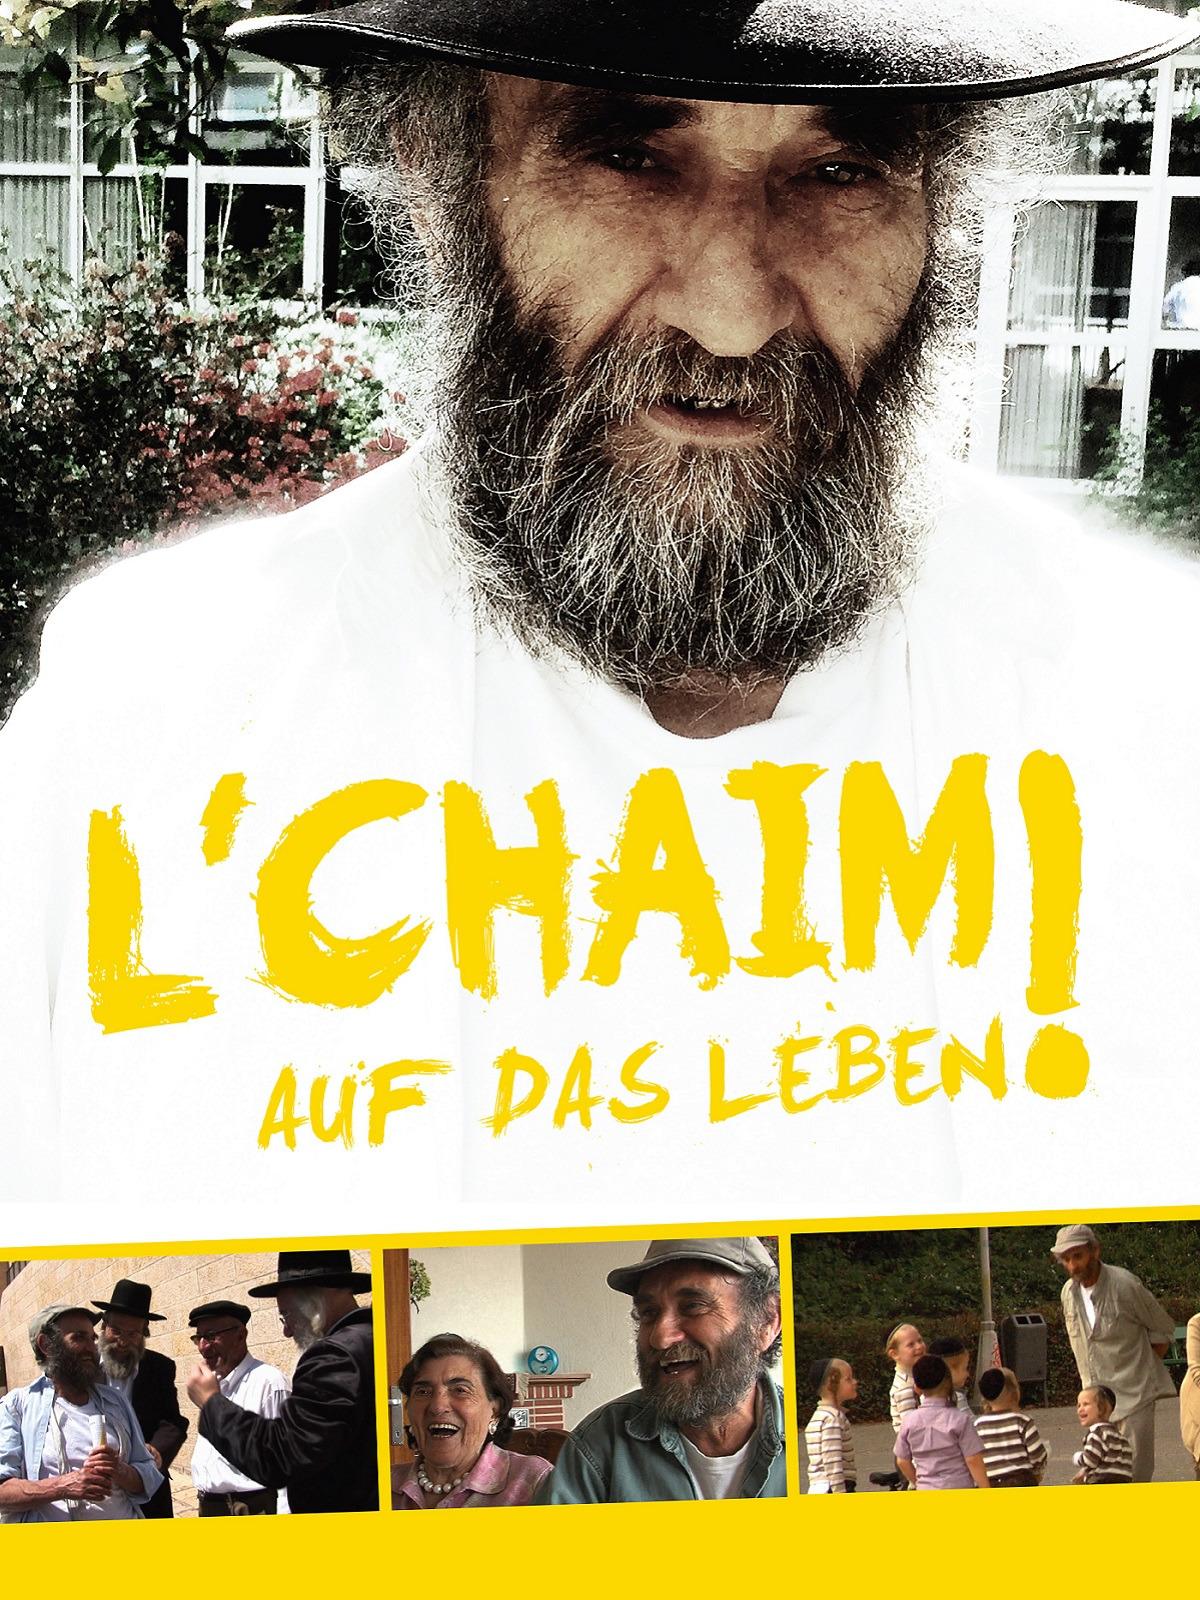 L'Chaim: Auf Das Leben!